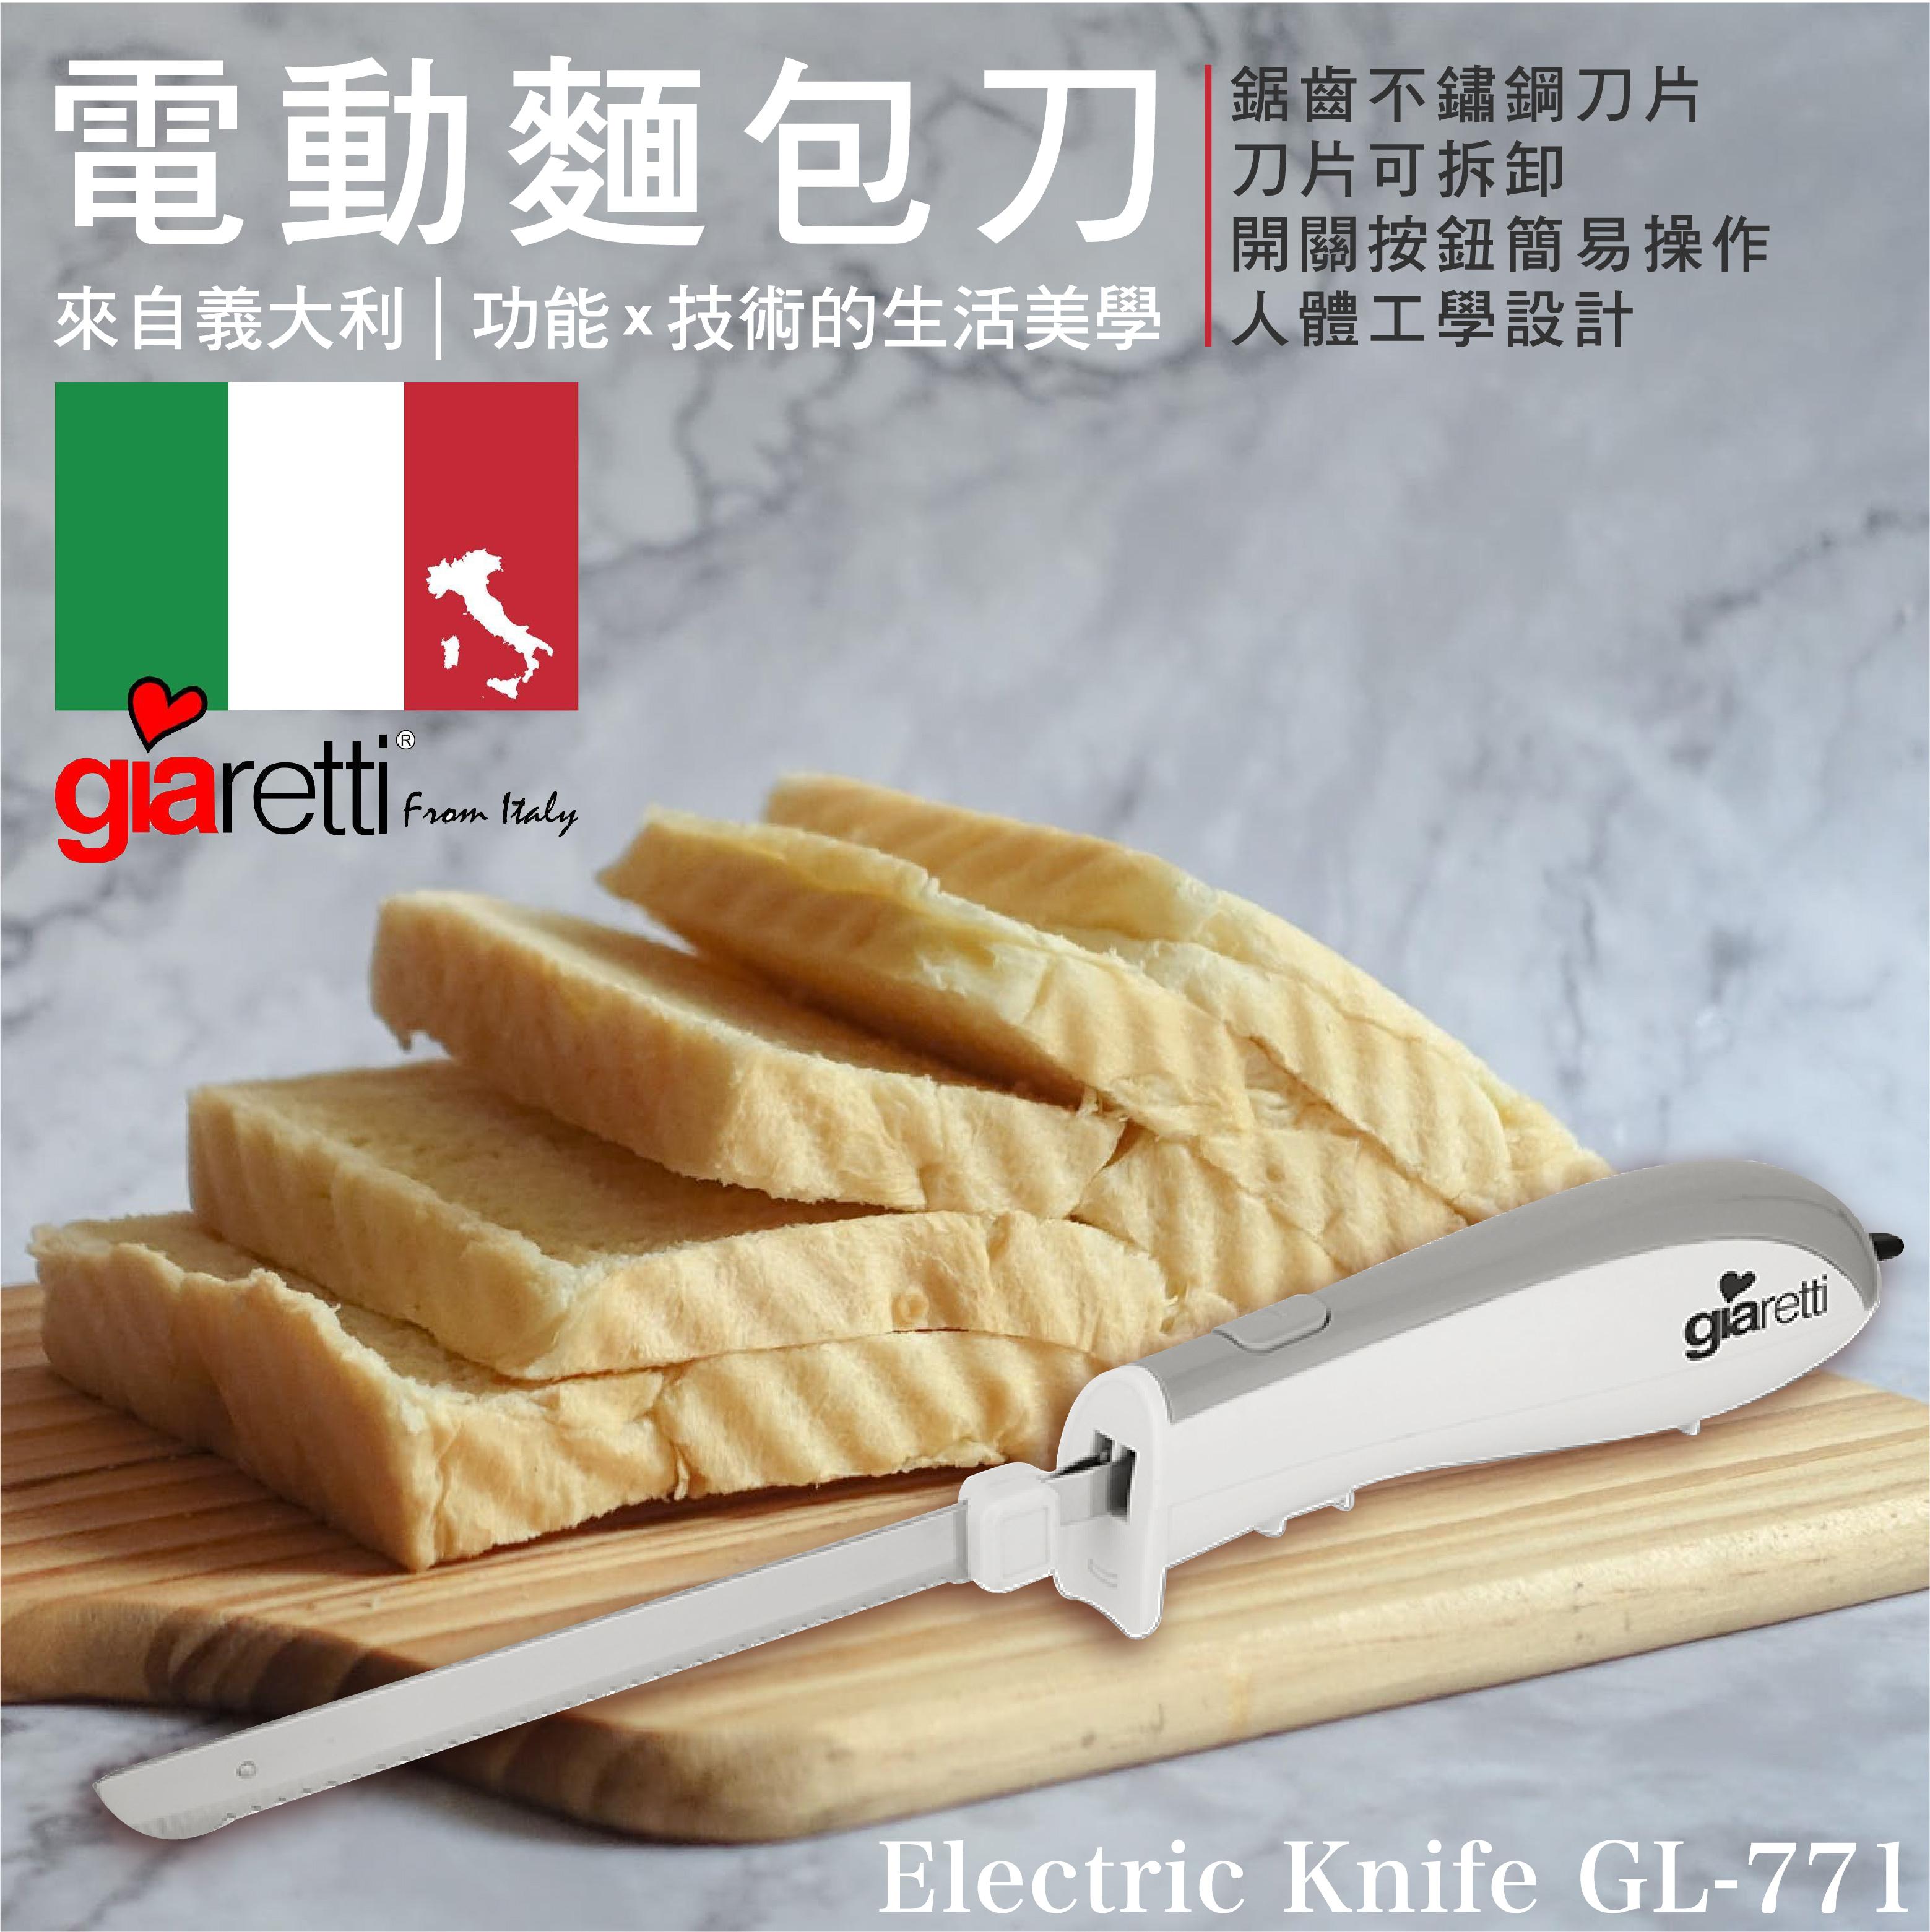 【Giaretti】電動萬用麵包刀